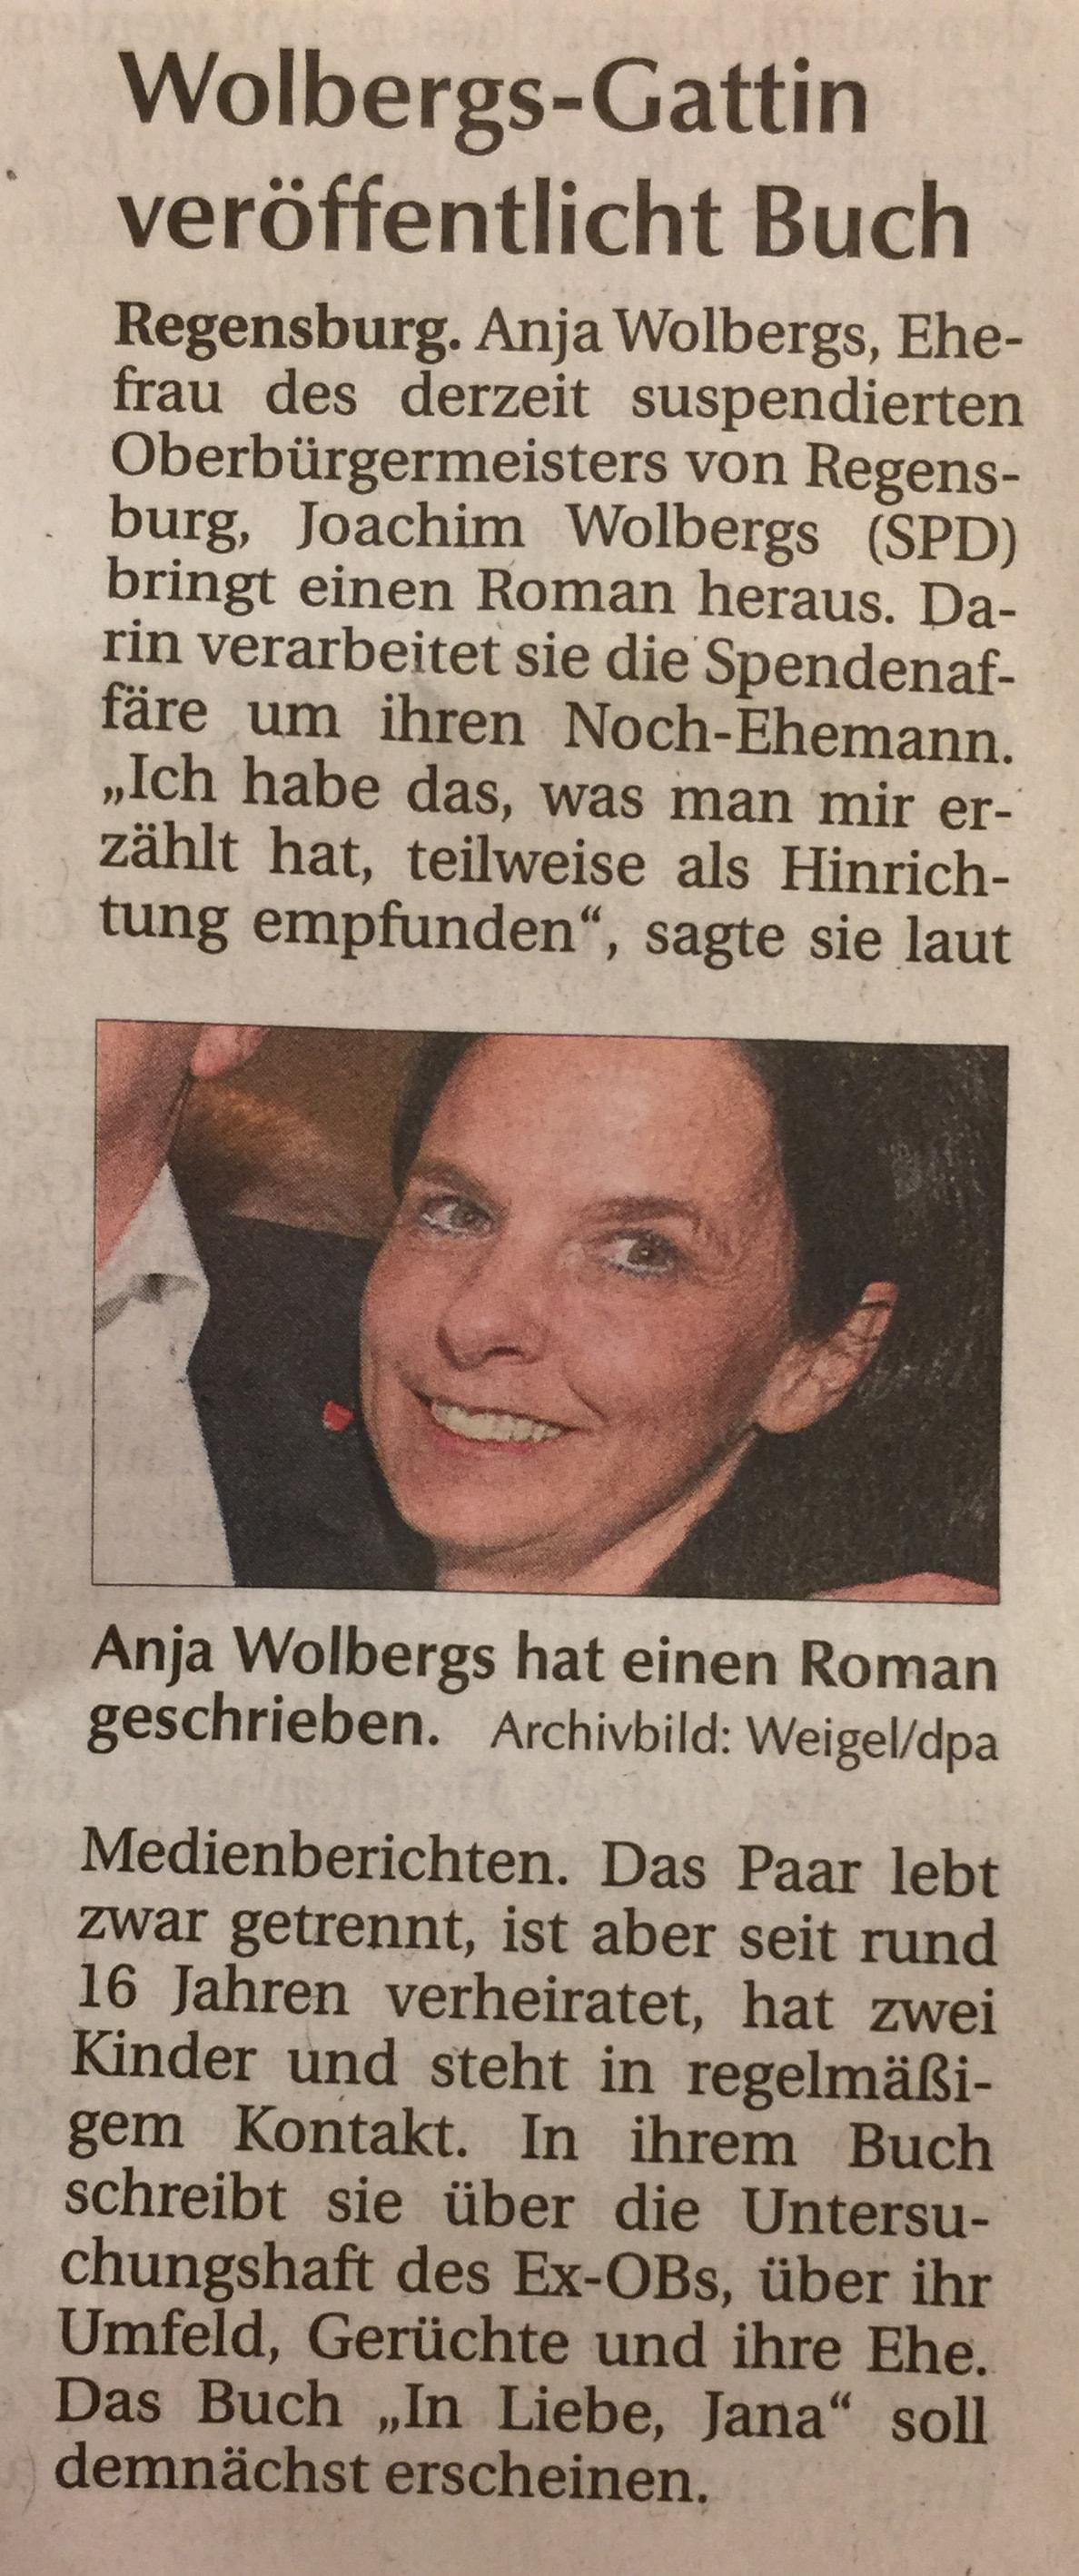 Wolbergs neue frau